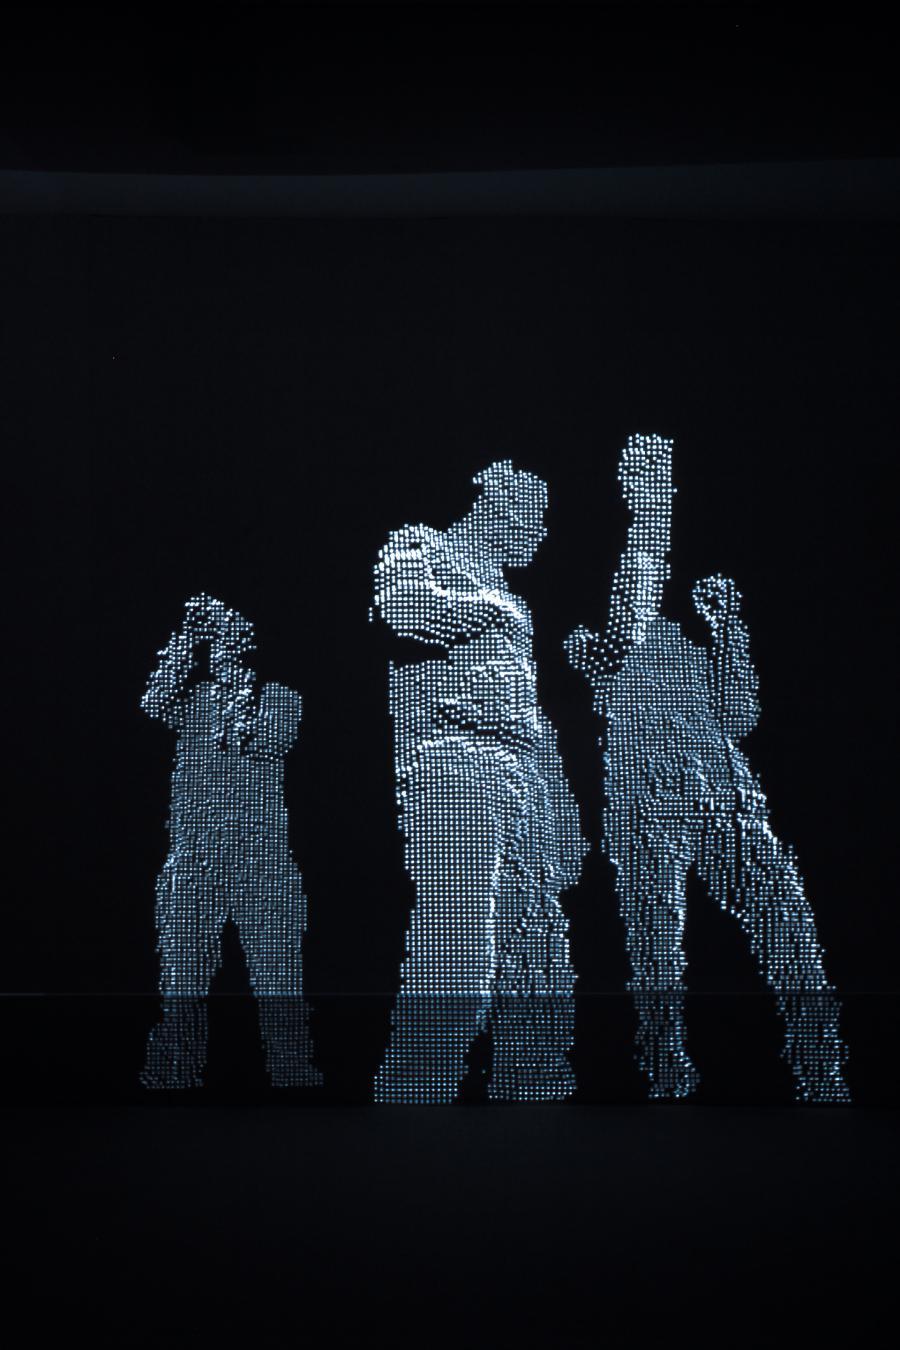 Menschenformen aus silbernen Pixeln